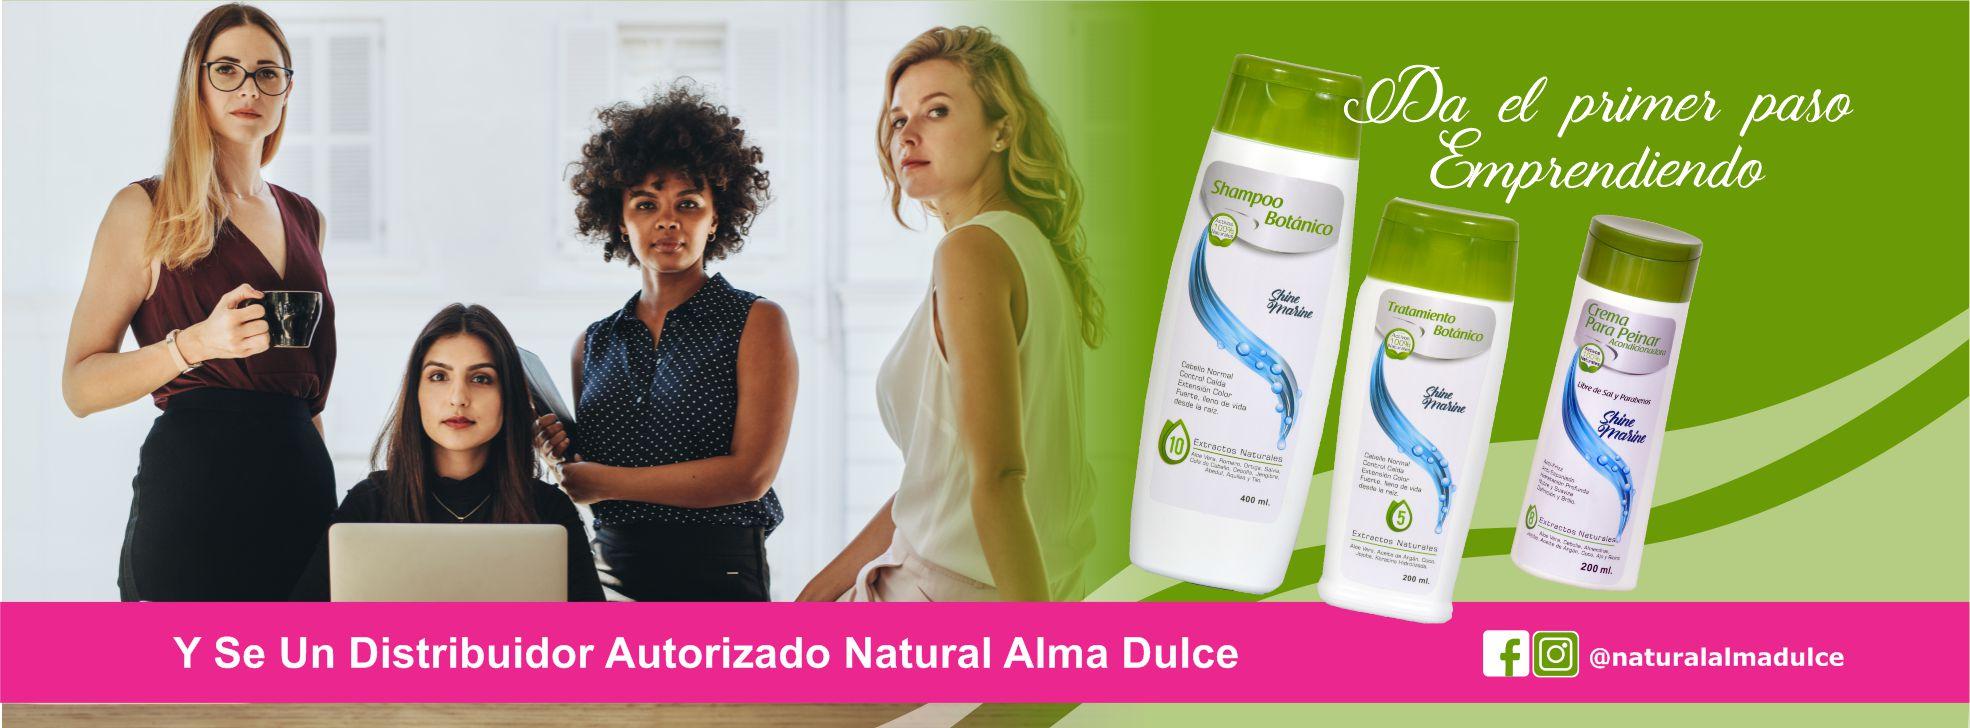 Natural Alma Dulce